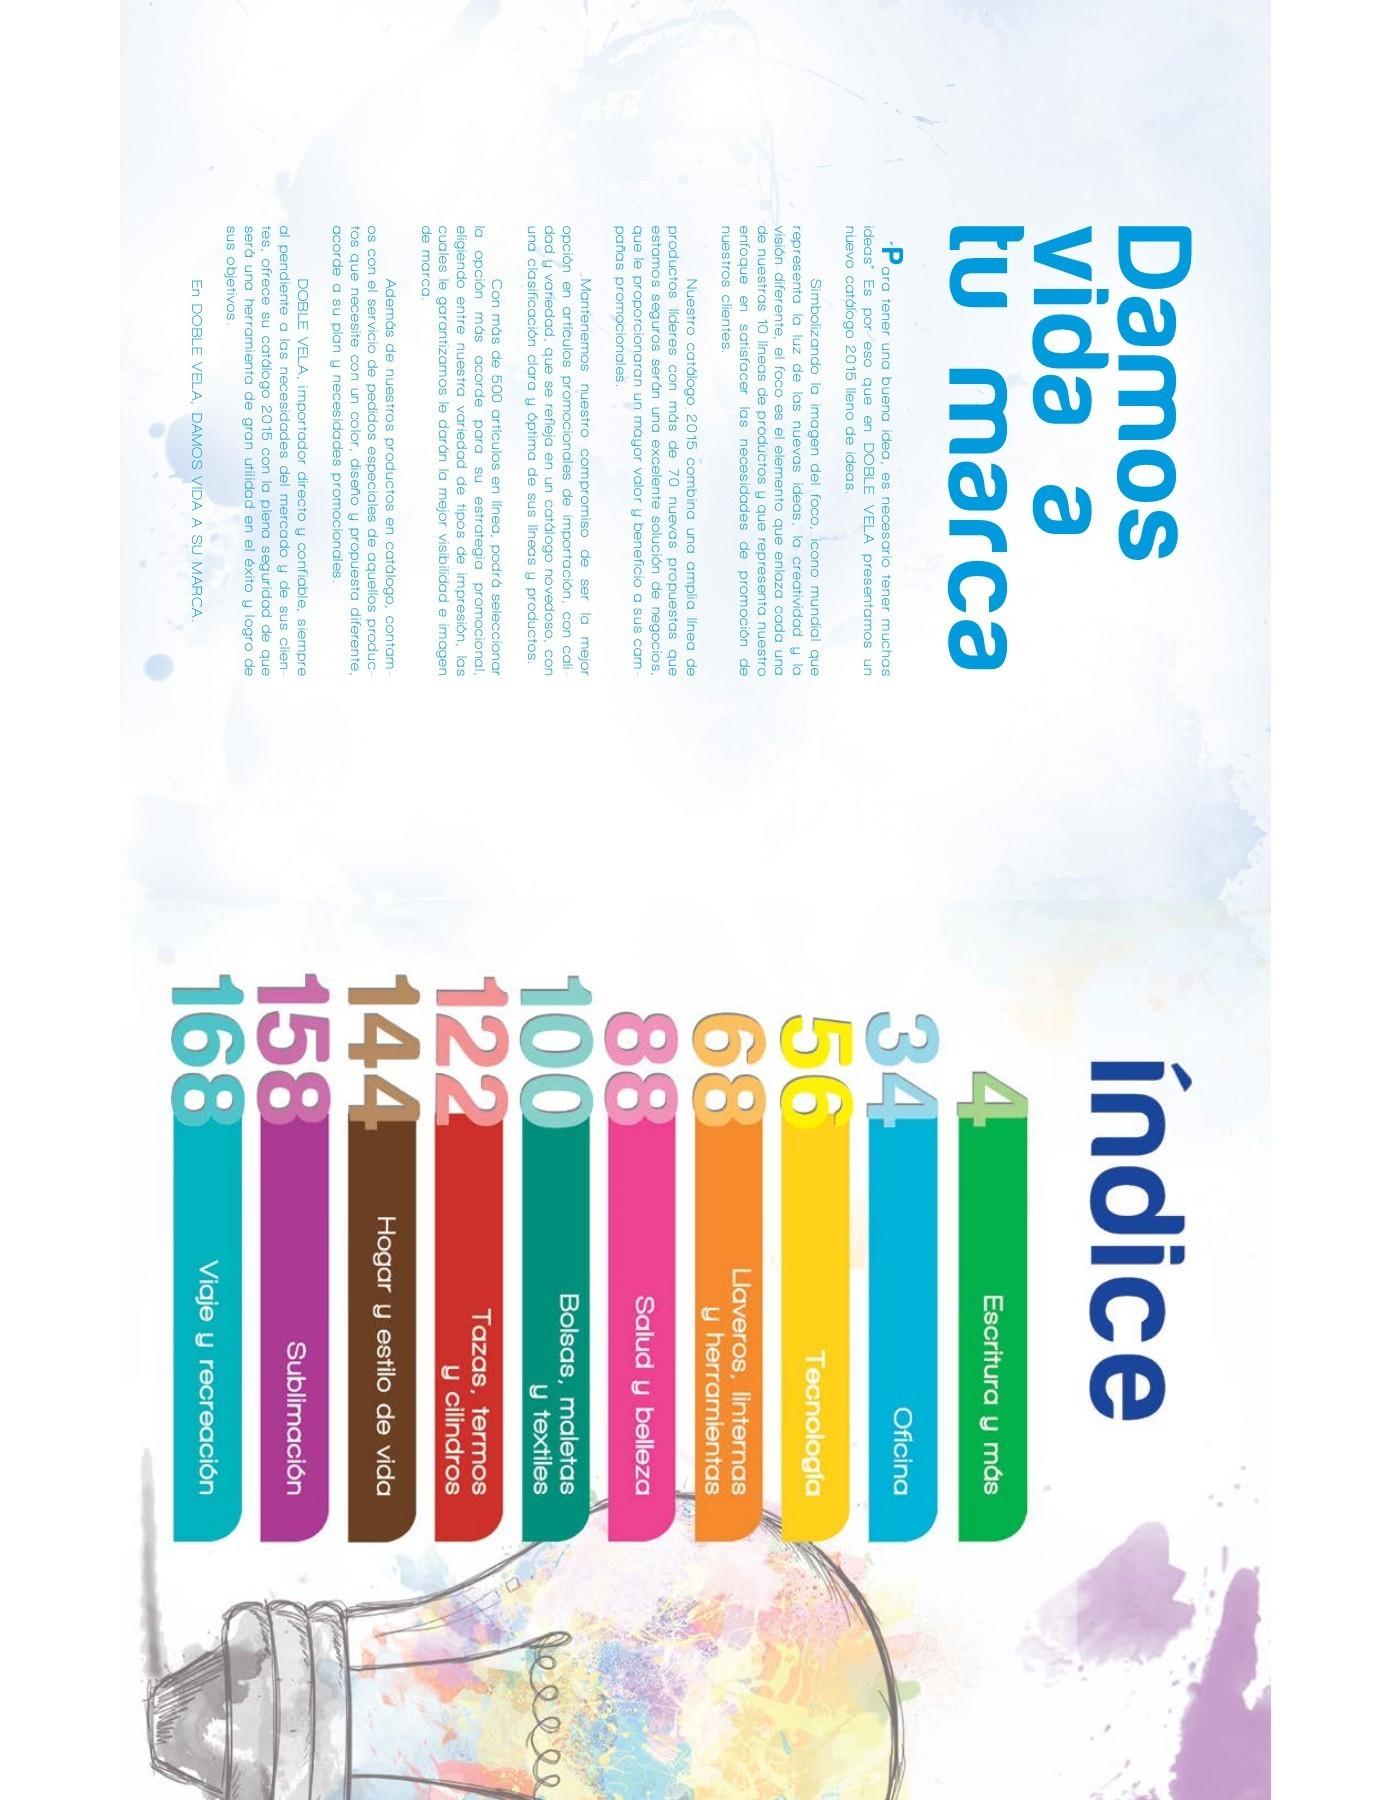 Calendario Perpetuo Para Imprimir En Blanco Más Recientes Catálogo Doblevela Pages 1 50 Text Version Of Calendario Perpetuo Para Imprimir En Blanco Más Arriba-a-fecha Blend Calendario Para Escribir — Blendiberia